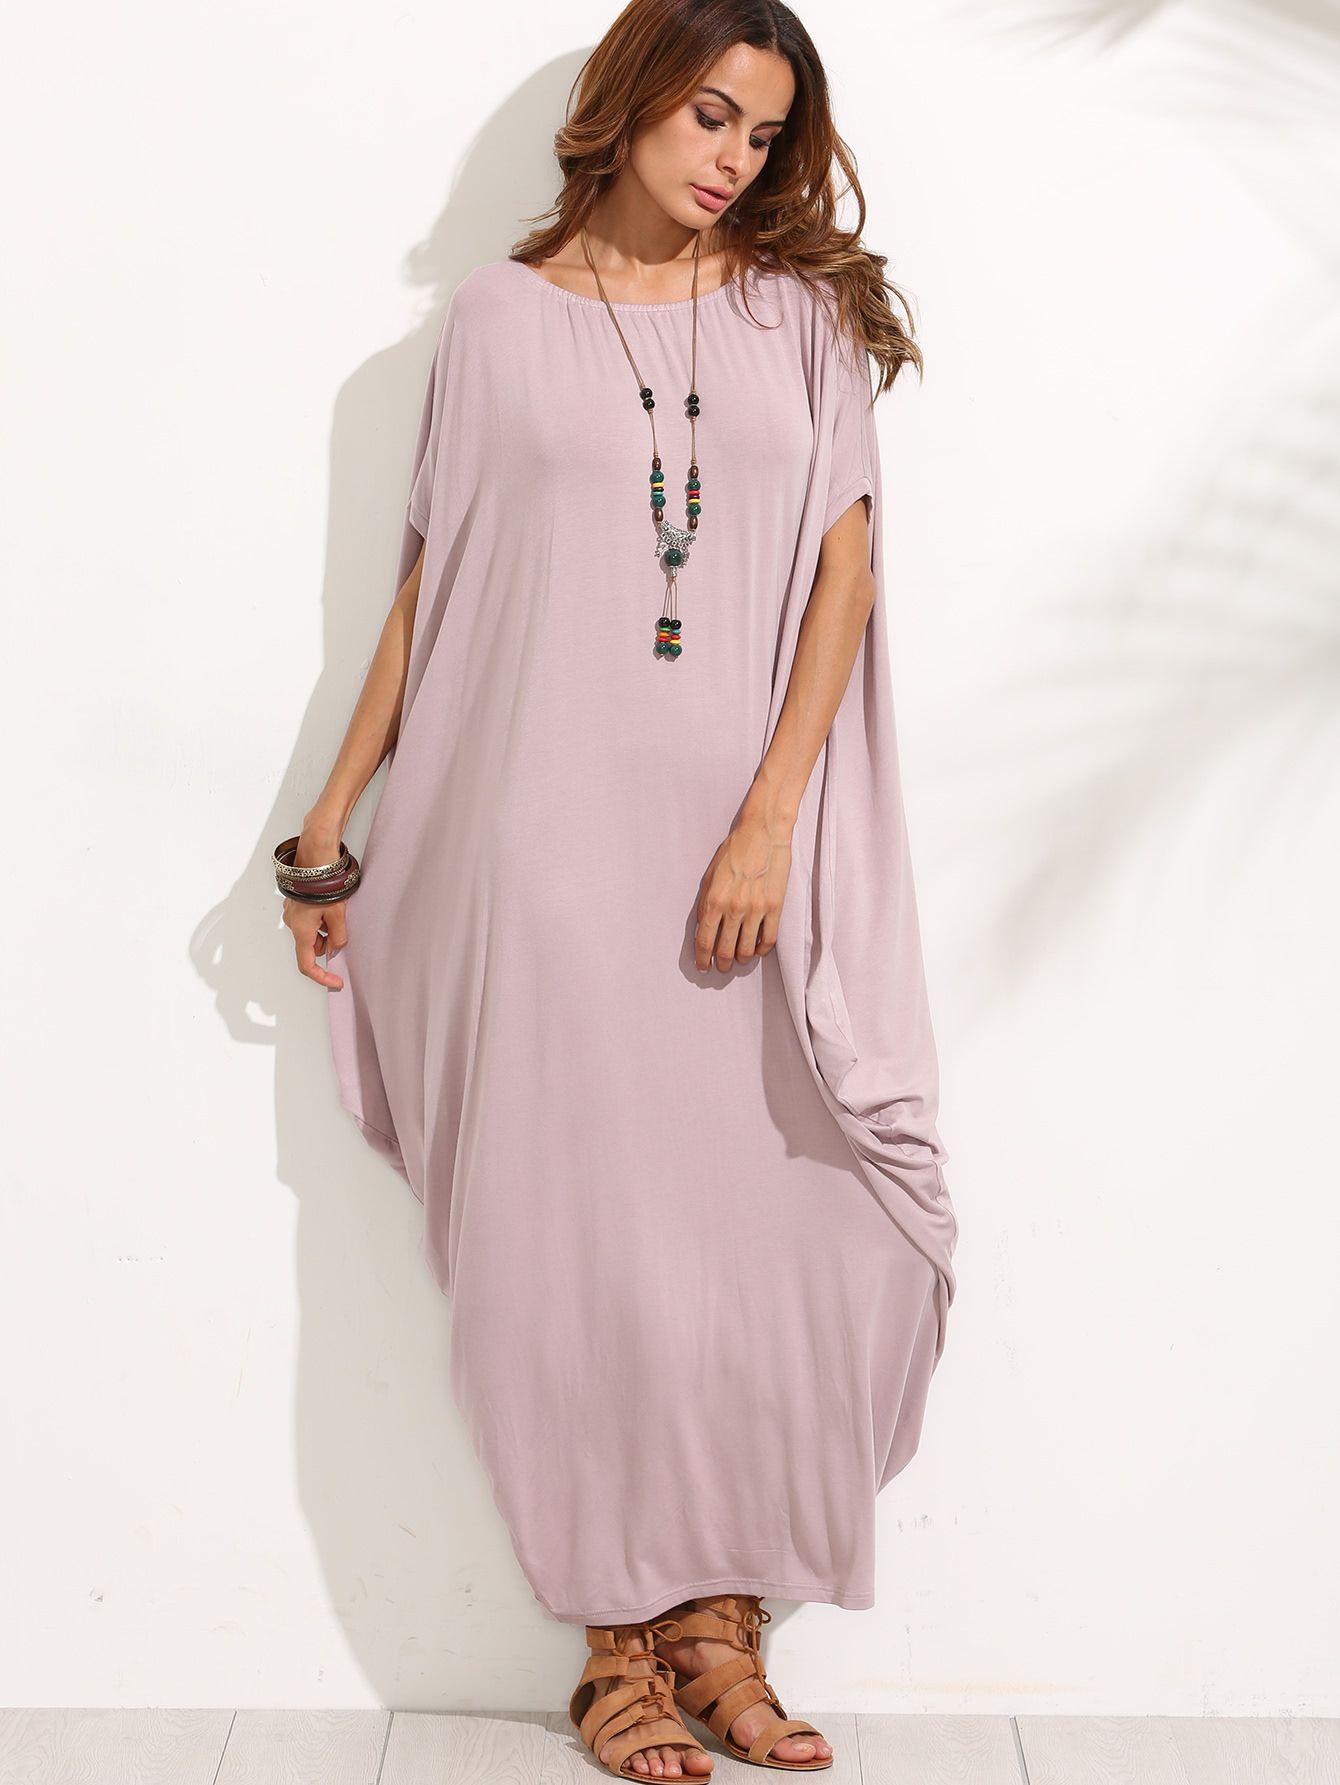 new style a3fc8 3cd98 Abiti lunghi estivi shop online – Vestiti da cerimonia